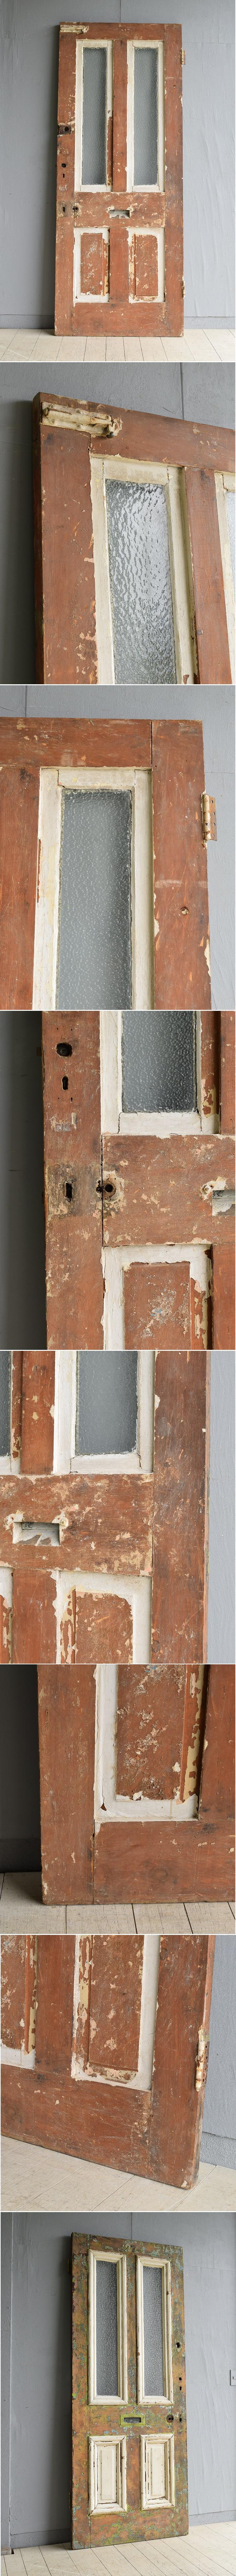 イギリス アンティーク ドア 扉 建具 7903